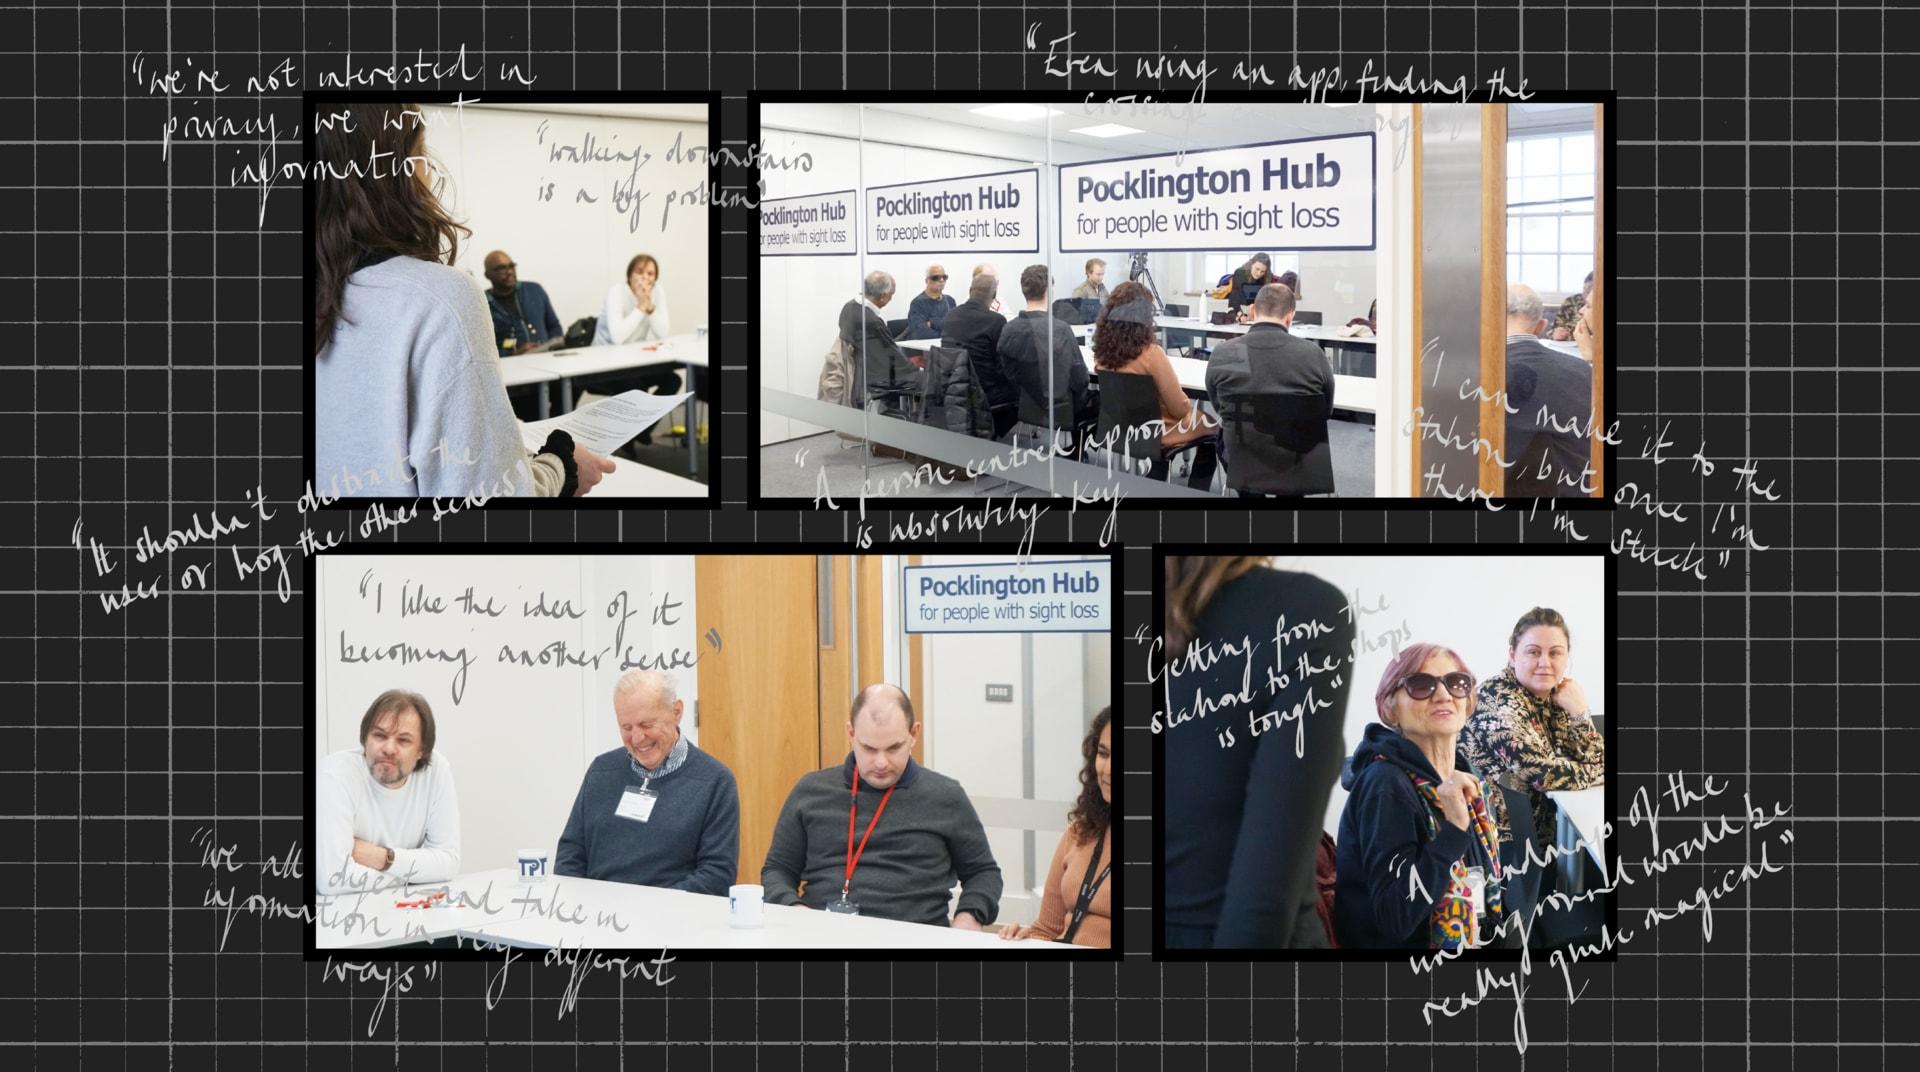 Thomas Pocklington Focus Group Photos and Feedback